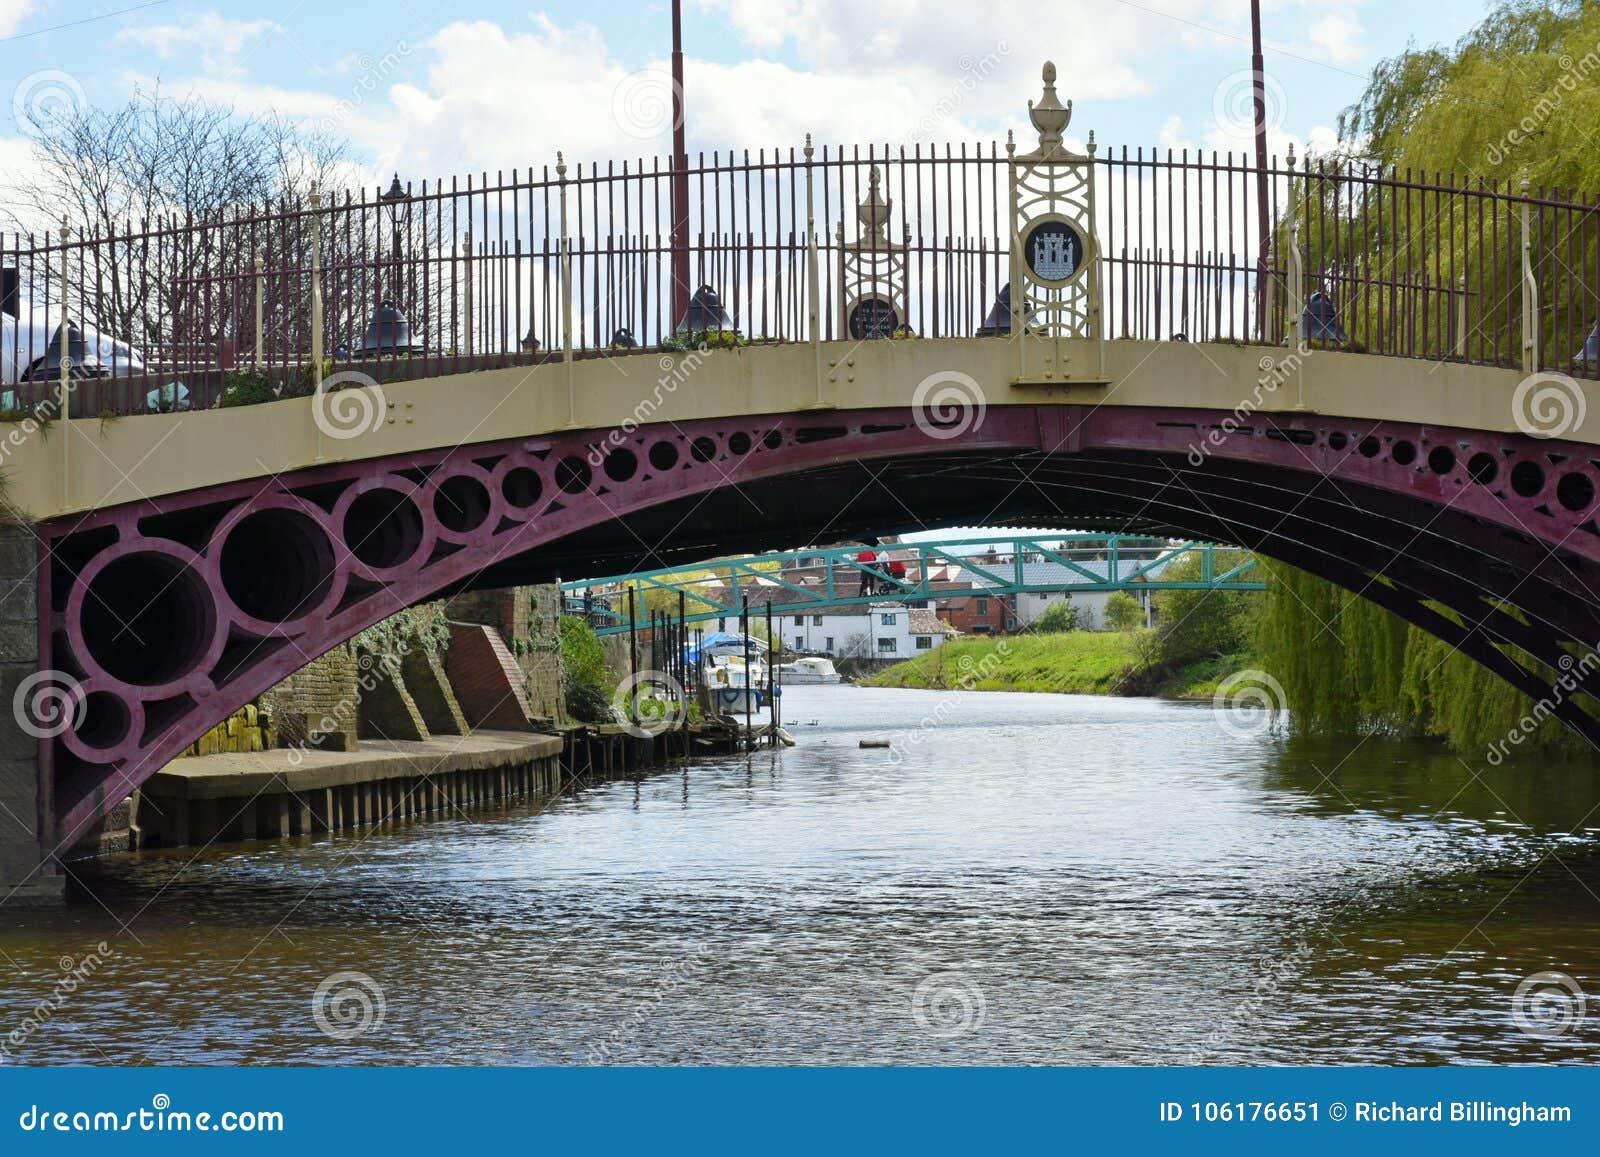 Puente viejo sobre el río Severn en el molino harinero averiado, Tewkesbury, Reino Unido